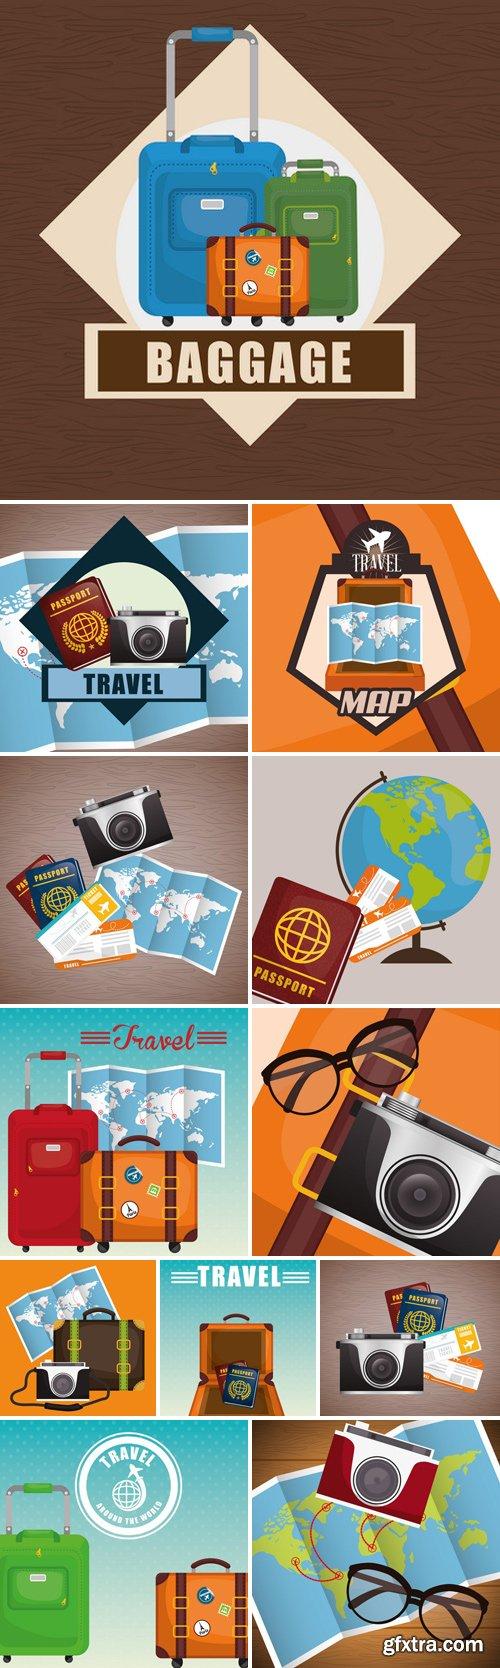 Stock Vectors - Travel Concept 7